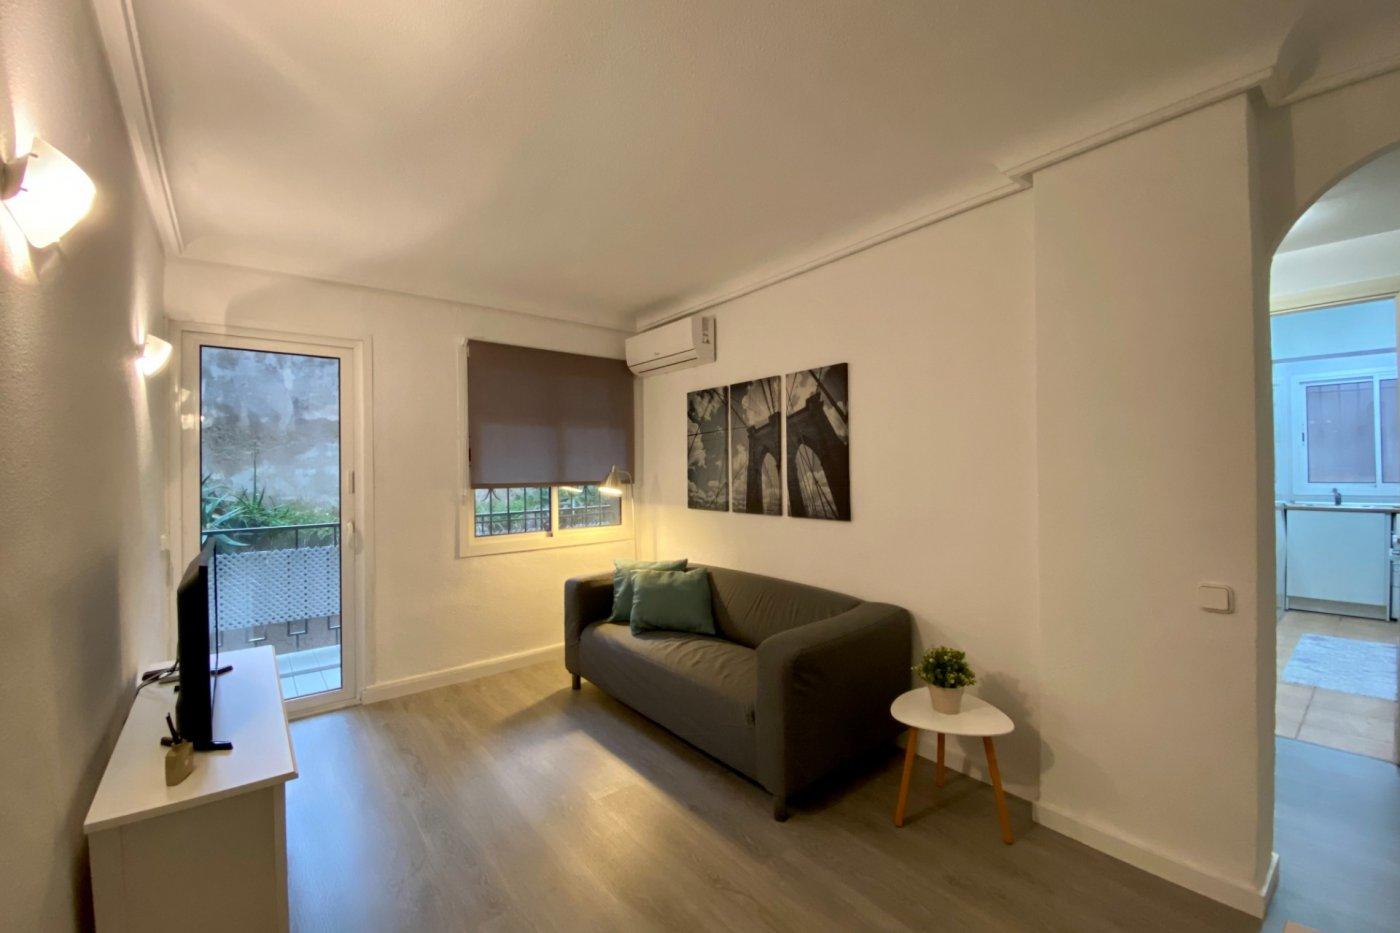 Primer piso de 49 m² de superficie (con ascensor) en la zona de porto pí, palma de mallorc - imagenInmueble1